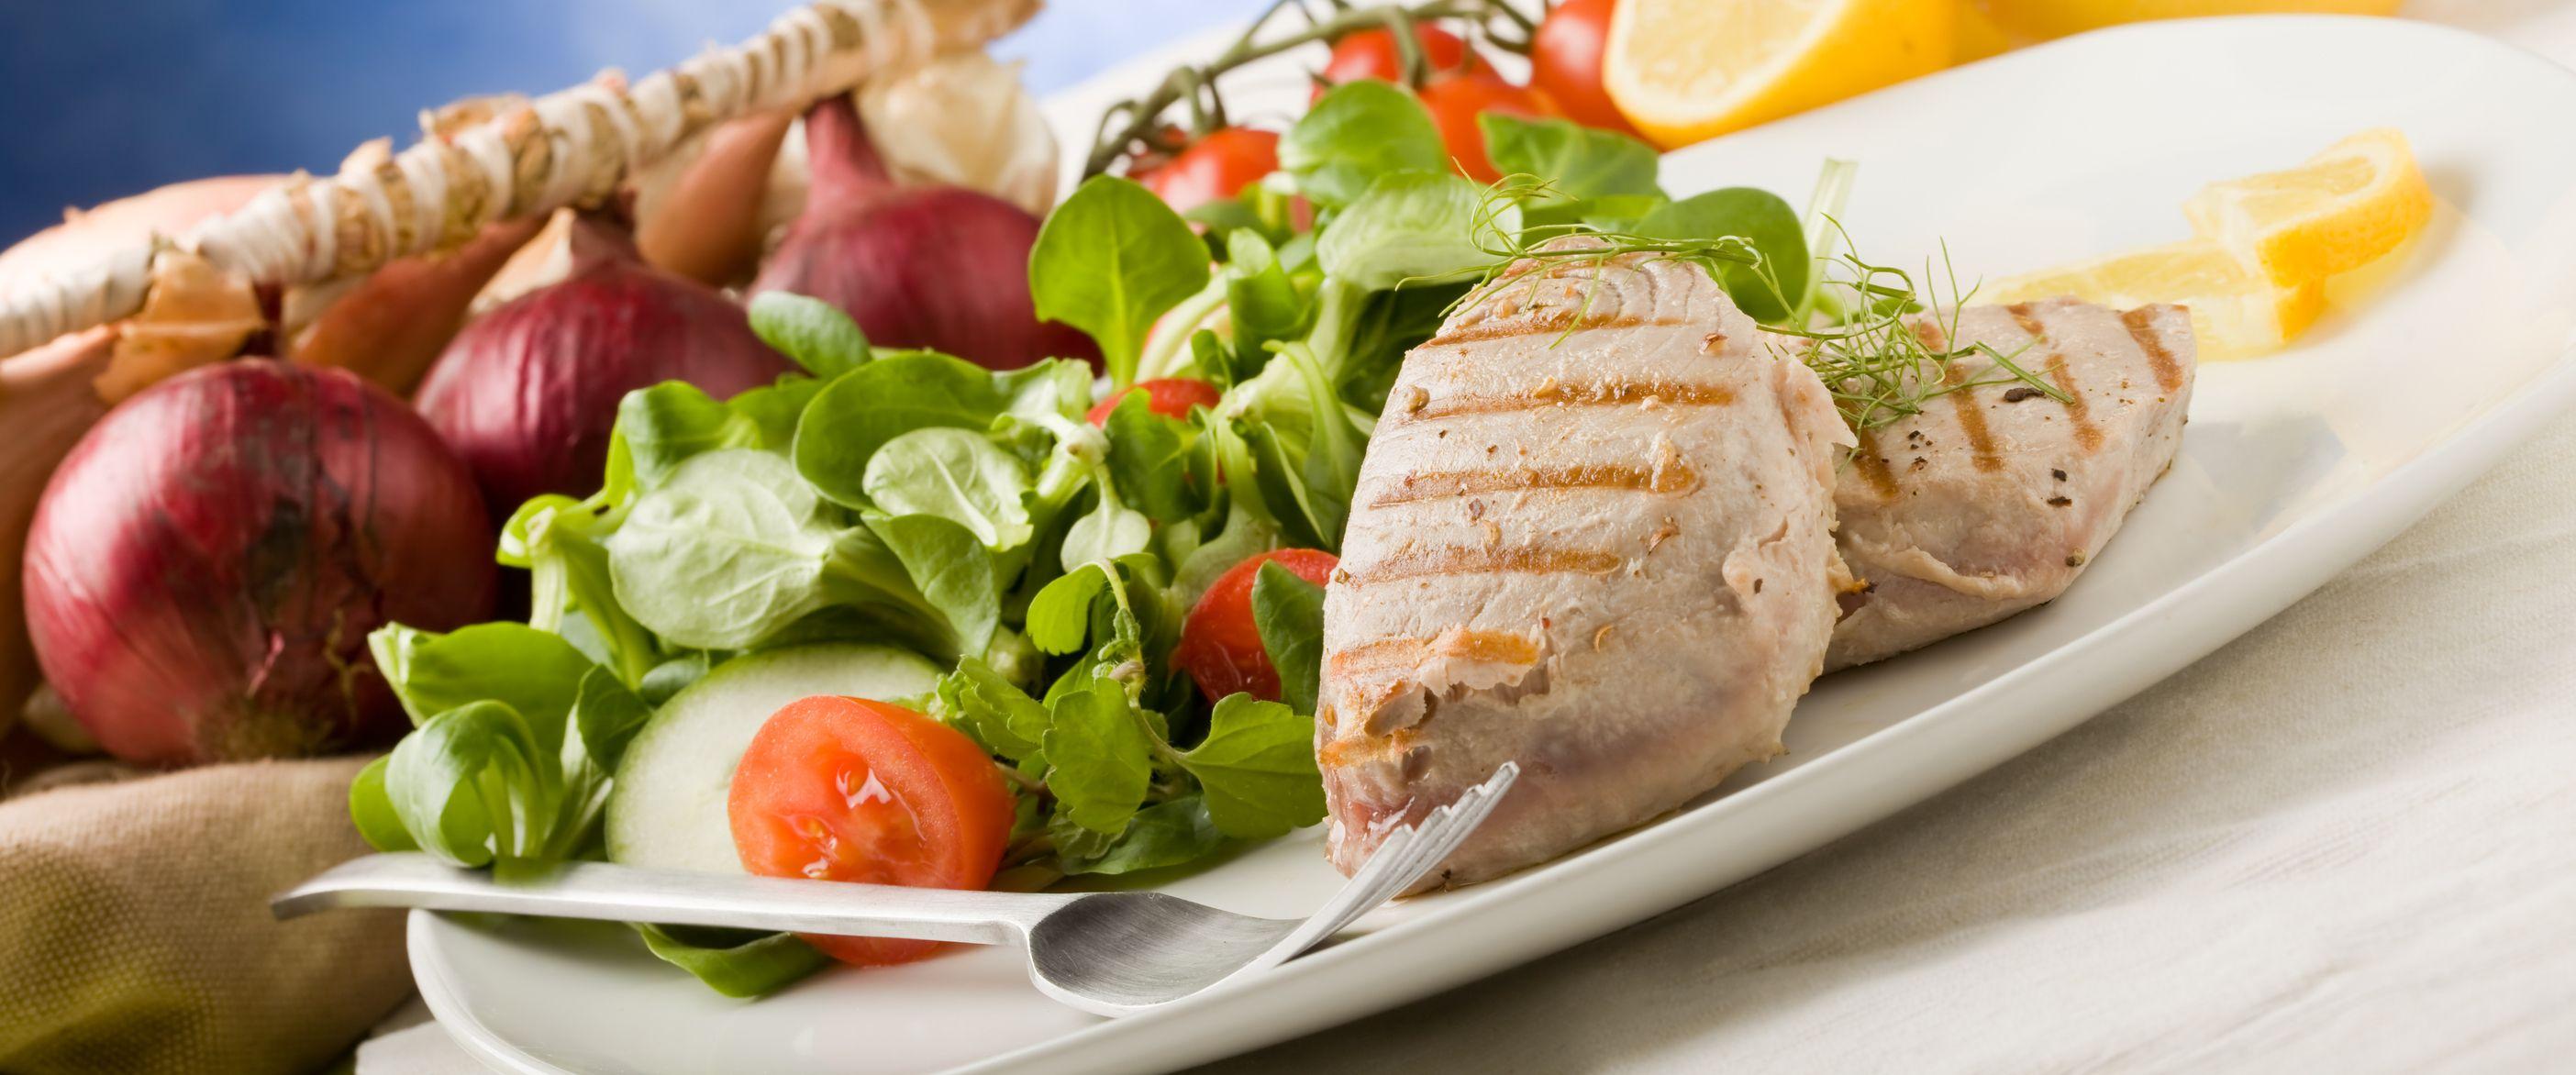 Fisch Mit Tomate Und Basilikum Rezept Hcg Rezepte Pinterest